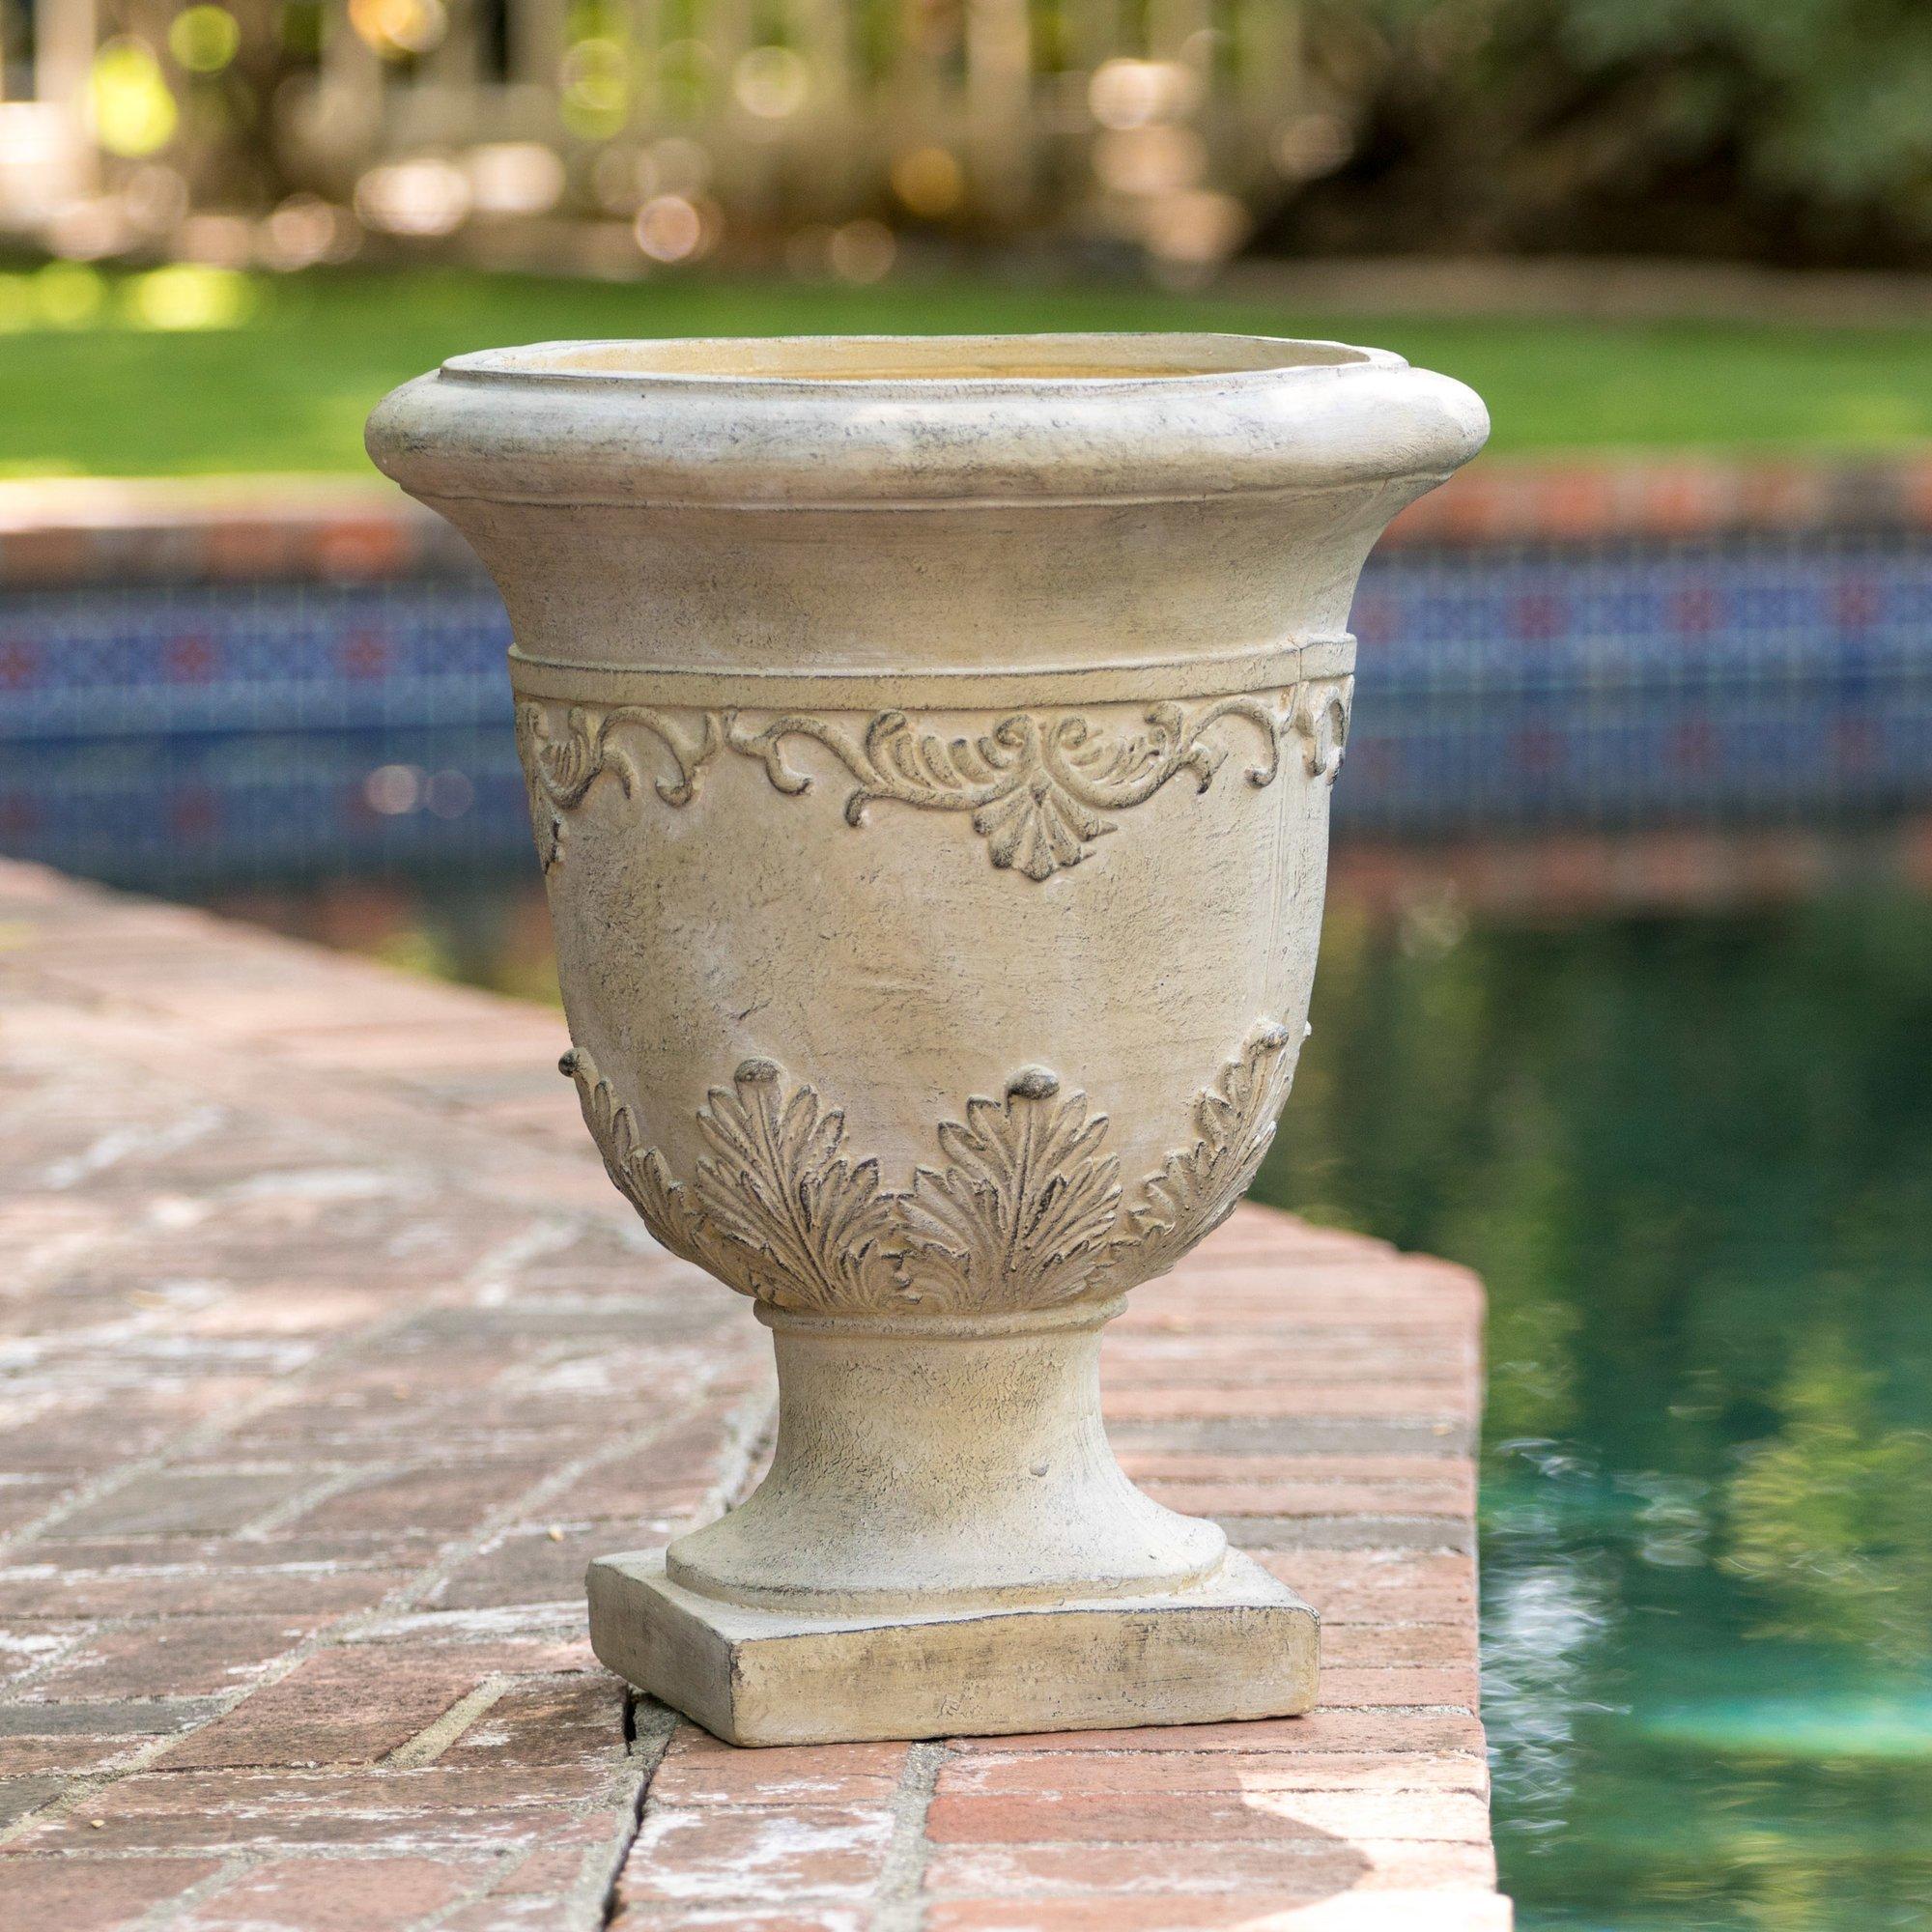 Outdoor Urn Stone Planter 20'' Lawn Garden Patio Indoor Decoration Flower Plant Pot